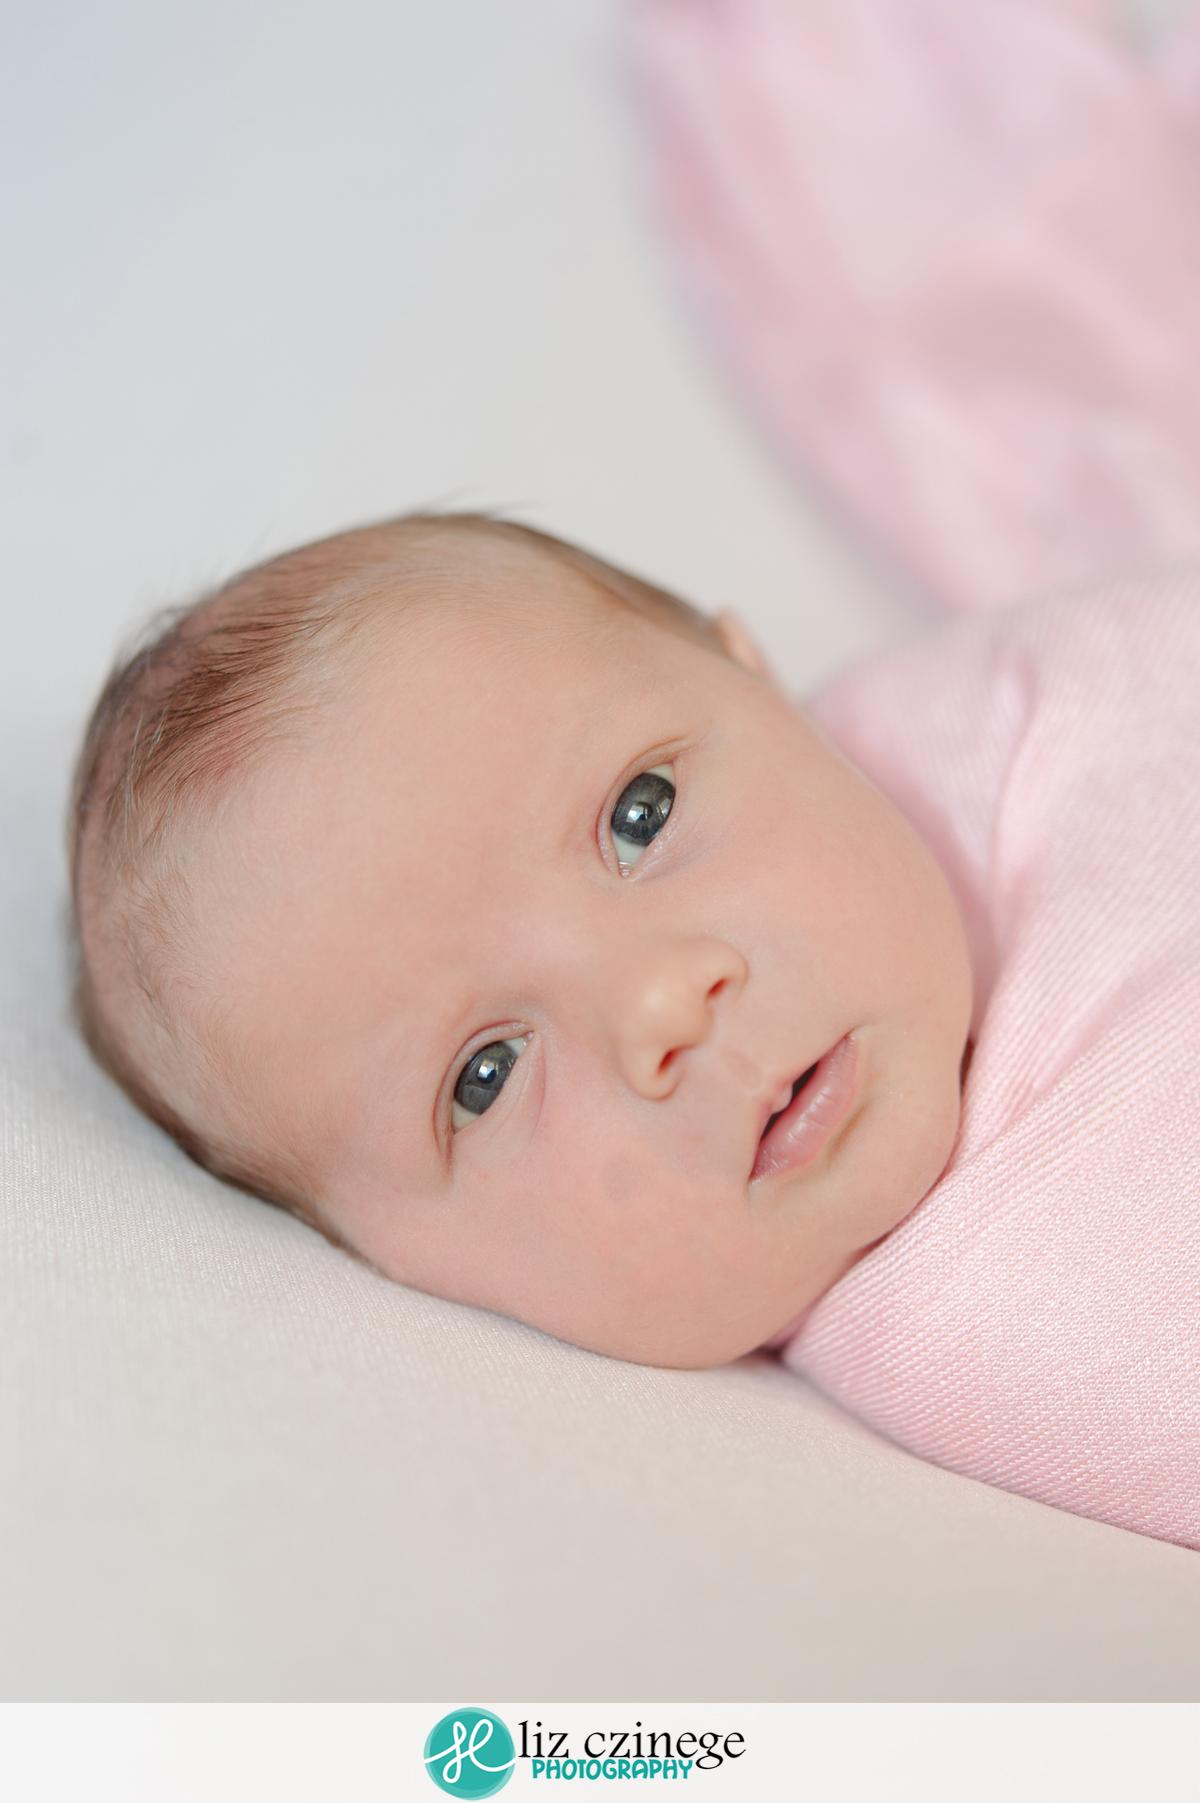 liz_czinege_niagara_grimsby_newborn_photographer06